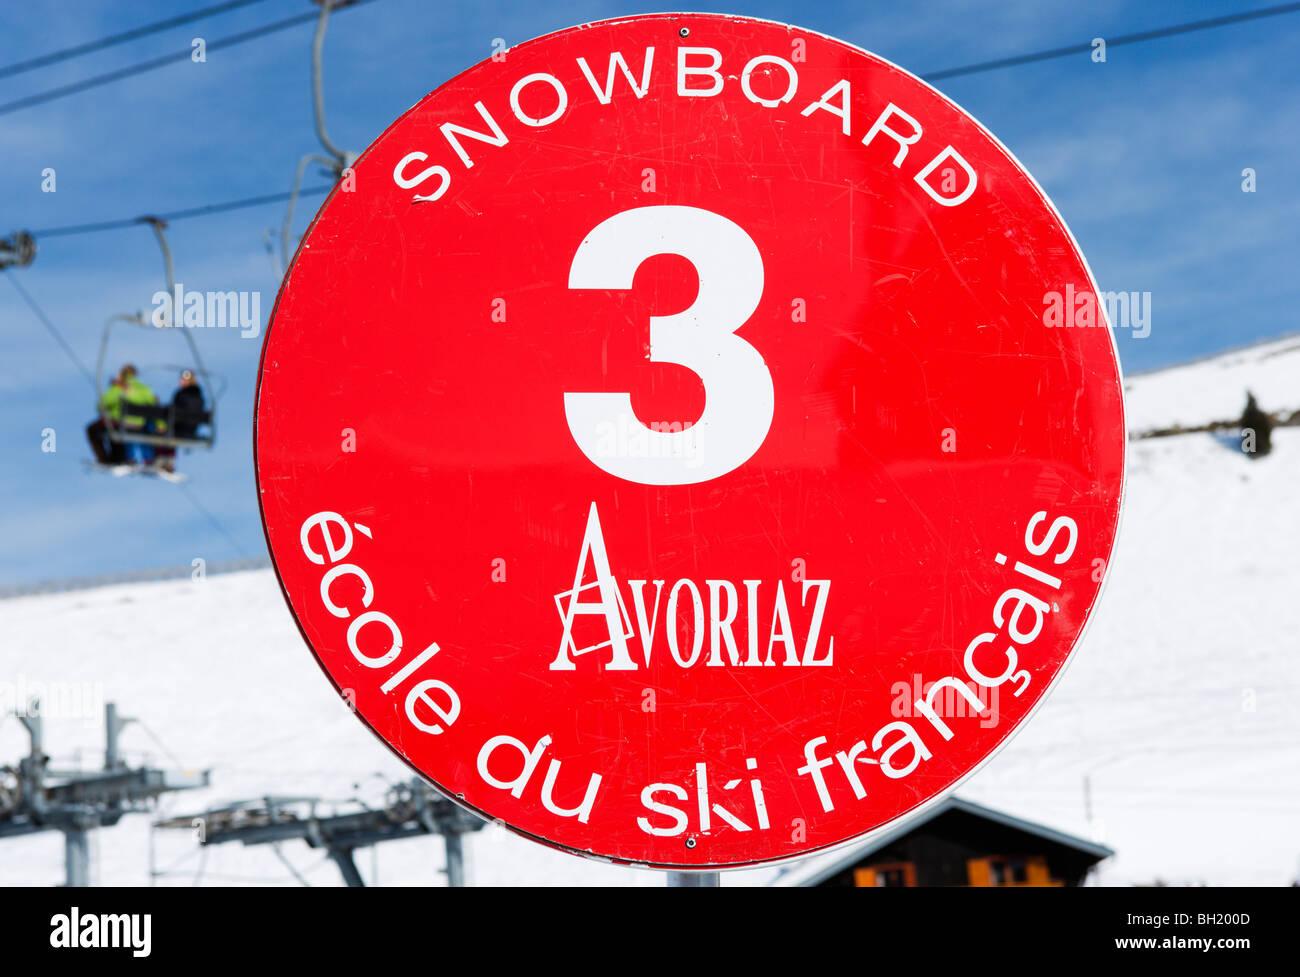 Meeting point sign for Ecole du Ski Francais (ESF), Avoriaz, Portes du Soleil Ski Region, Haute Savoie, France - Stock Image